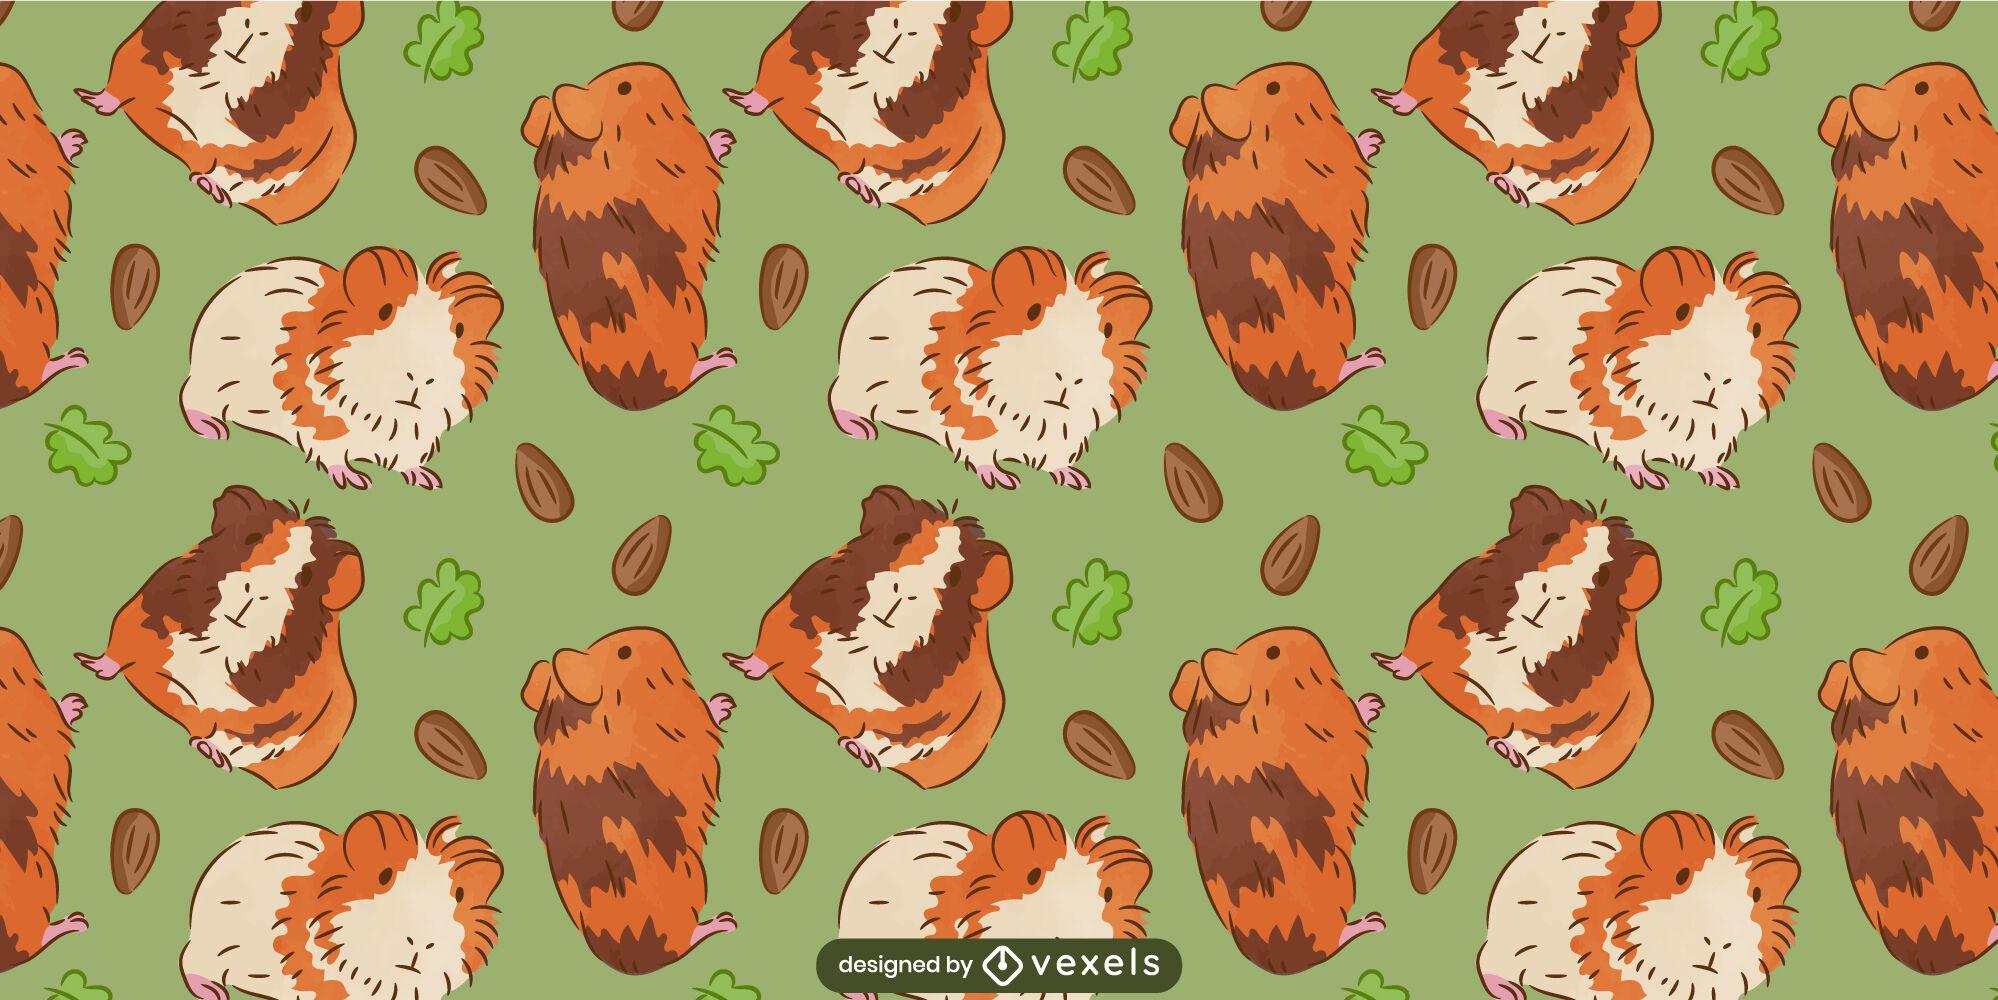 Diseño de patrón animal lindo conejillos de indias